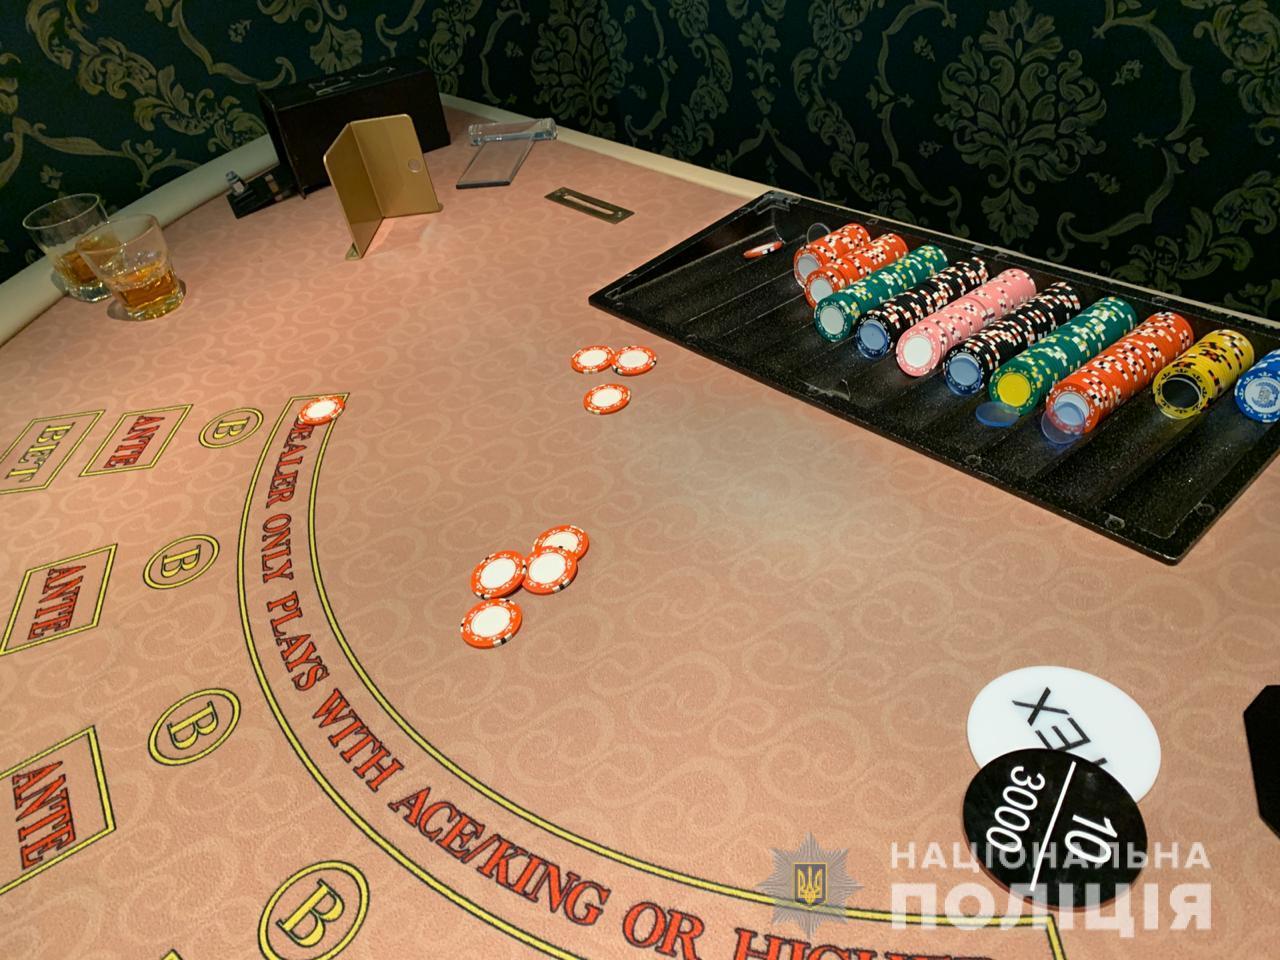 Стол рулетка для казино харьков играть джокер покер онлайн бесплатно